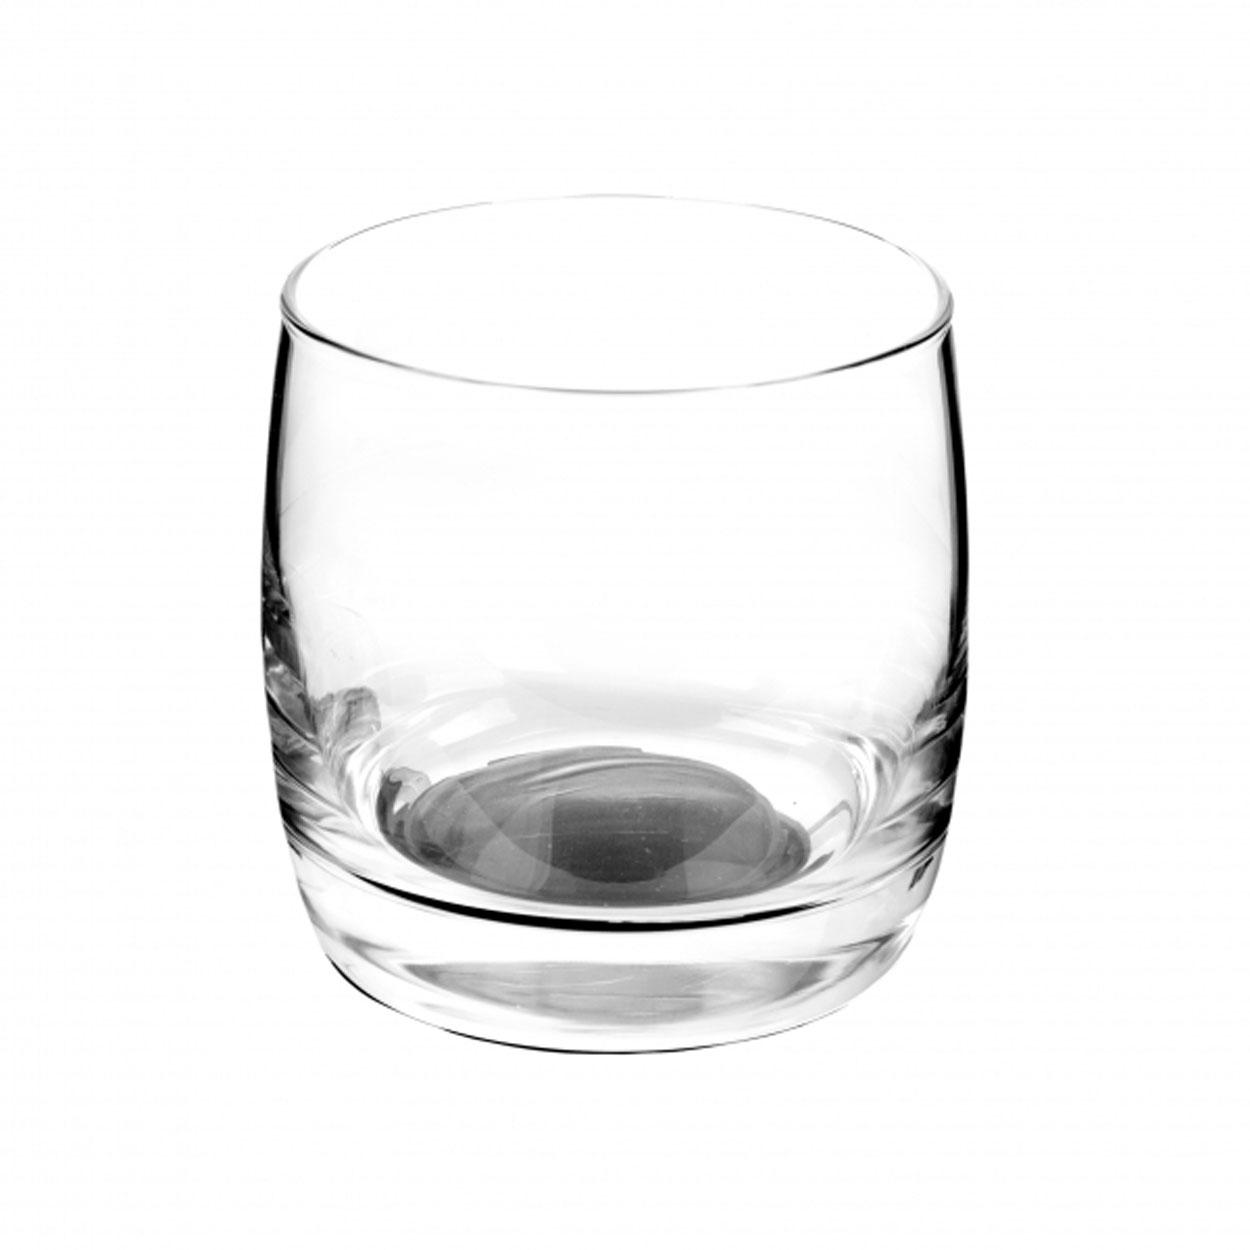 Набор стаканов Luminarc Luminarc French Brasserie, 310 мл, 6 штH9370Набор Luminarc French Brasserie состоит из 6 стаканов, выполненных из высококачественного стекла. Изделия выполнены в классическом стиле и имеют стильный дизайн, изящную форму и ослепительный блеск. Подходят для подачи сока, воды, лимонада, коктейлей и других напитков. Такой набор станет прекрасным дополнением сервировки стола, подойдет для ежедневного использования и для торжественных случаев. Можно мыть в посудомоечной машине. Диаметр стакана (по верхнему краю): 7,8 см. Высота стакана: 7,5 см.